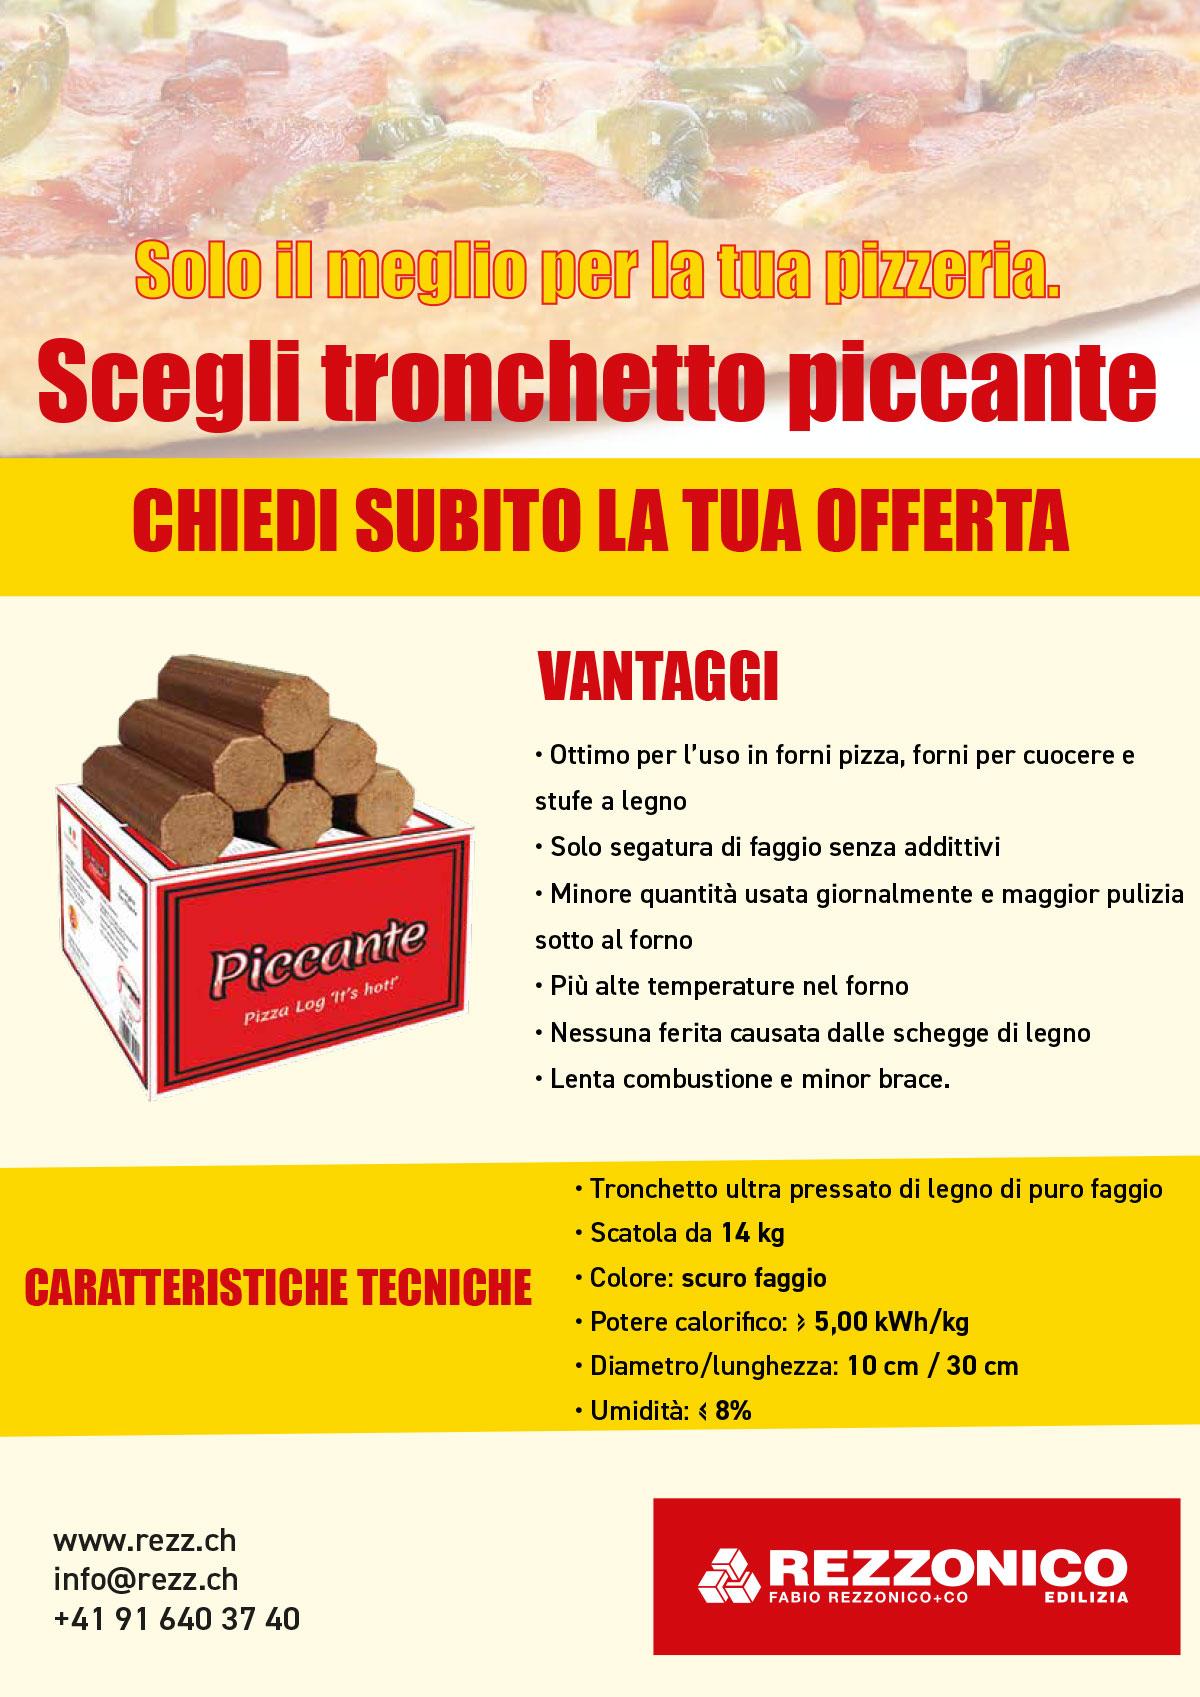 promo_tronchetto_piccante_low